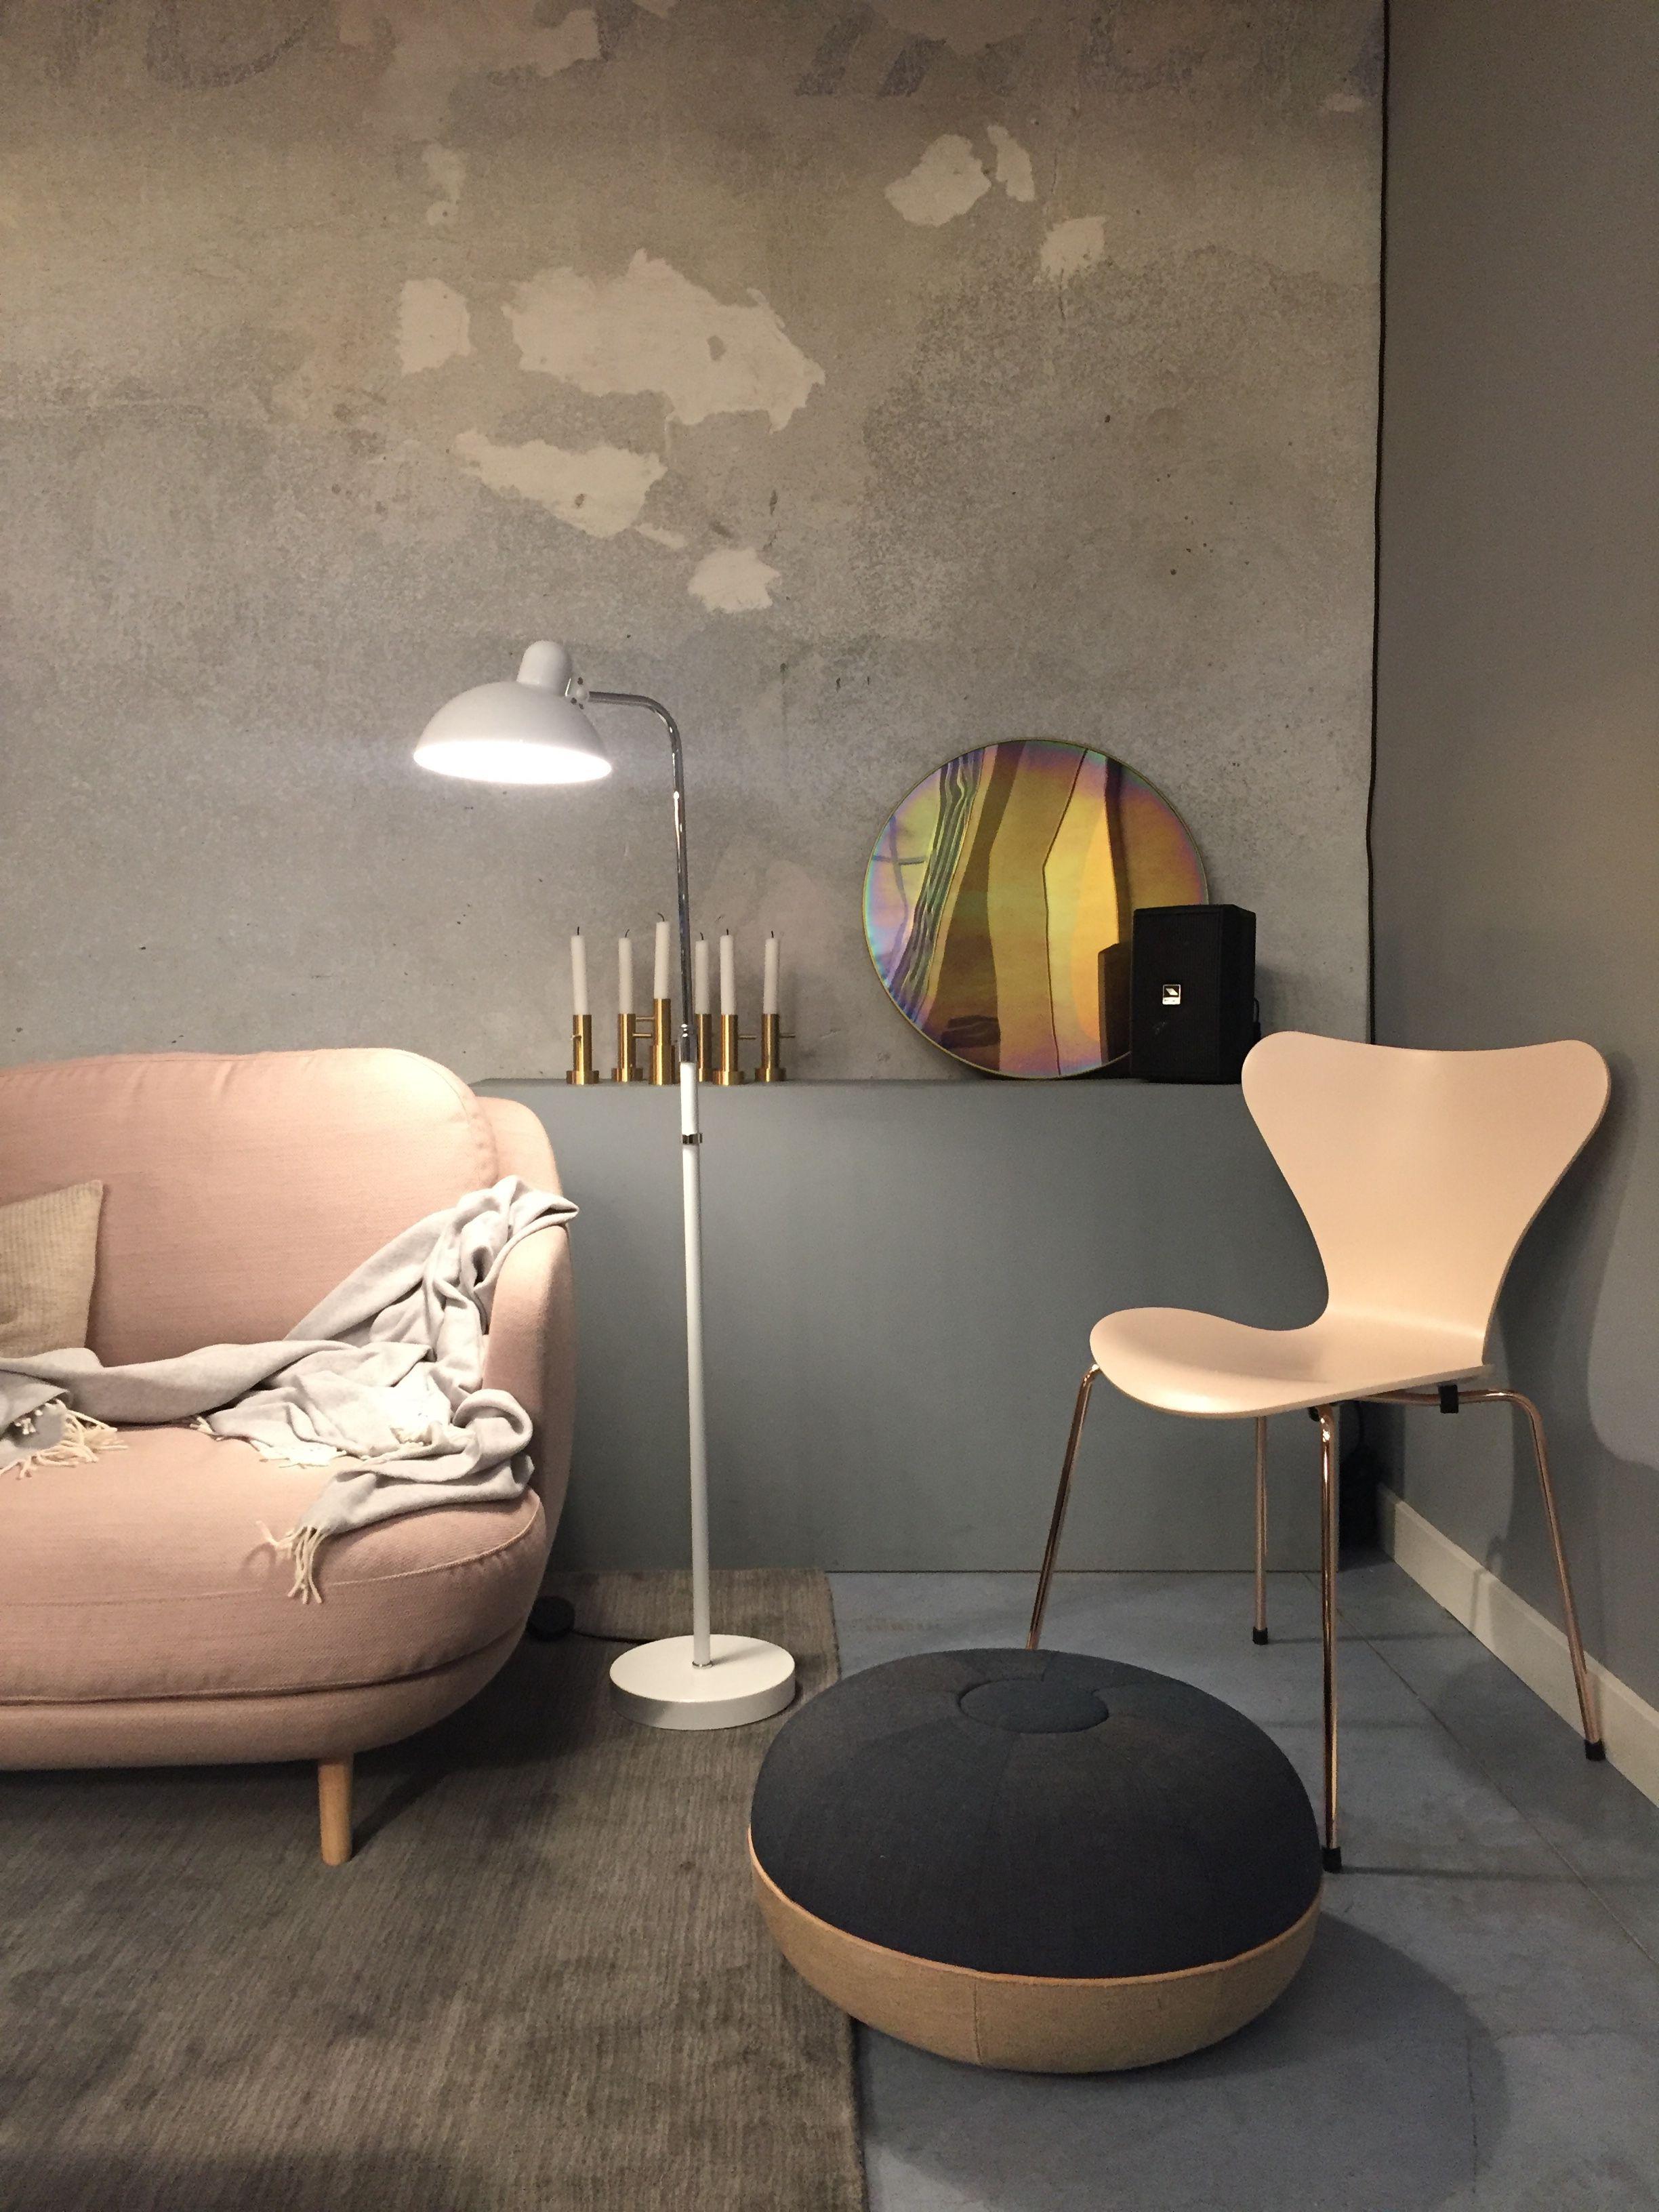 Wohnzimmer Design 2018 | Tapeten Trends 2018 Wohnzimmer Arsk Media